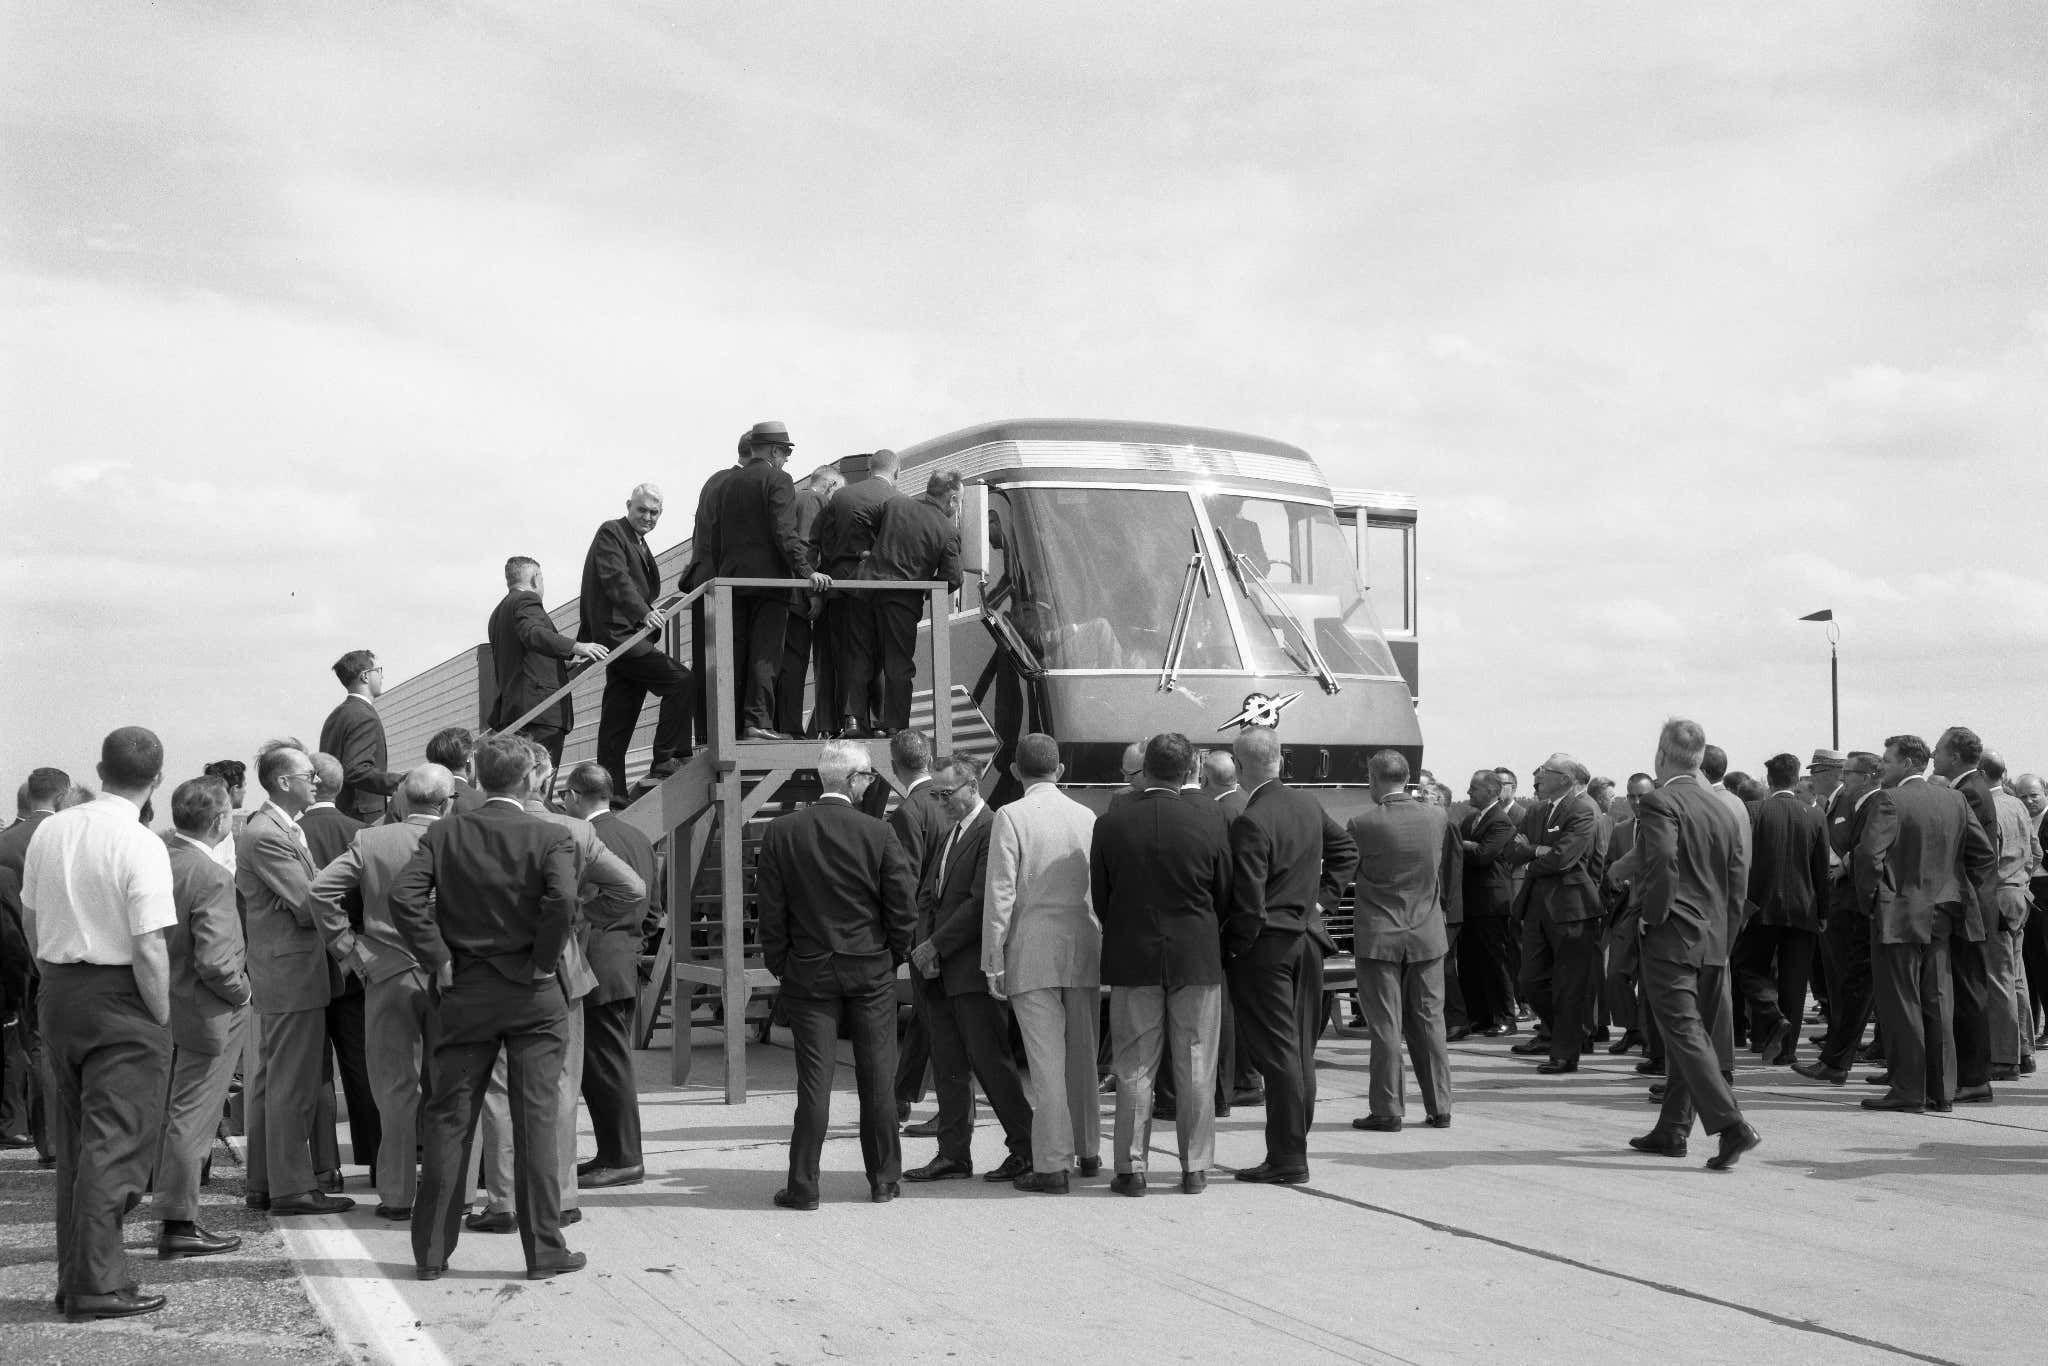 Выставка в Нью-Йорке. 1964 год. Грузовик Ford Big Red